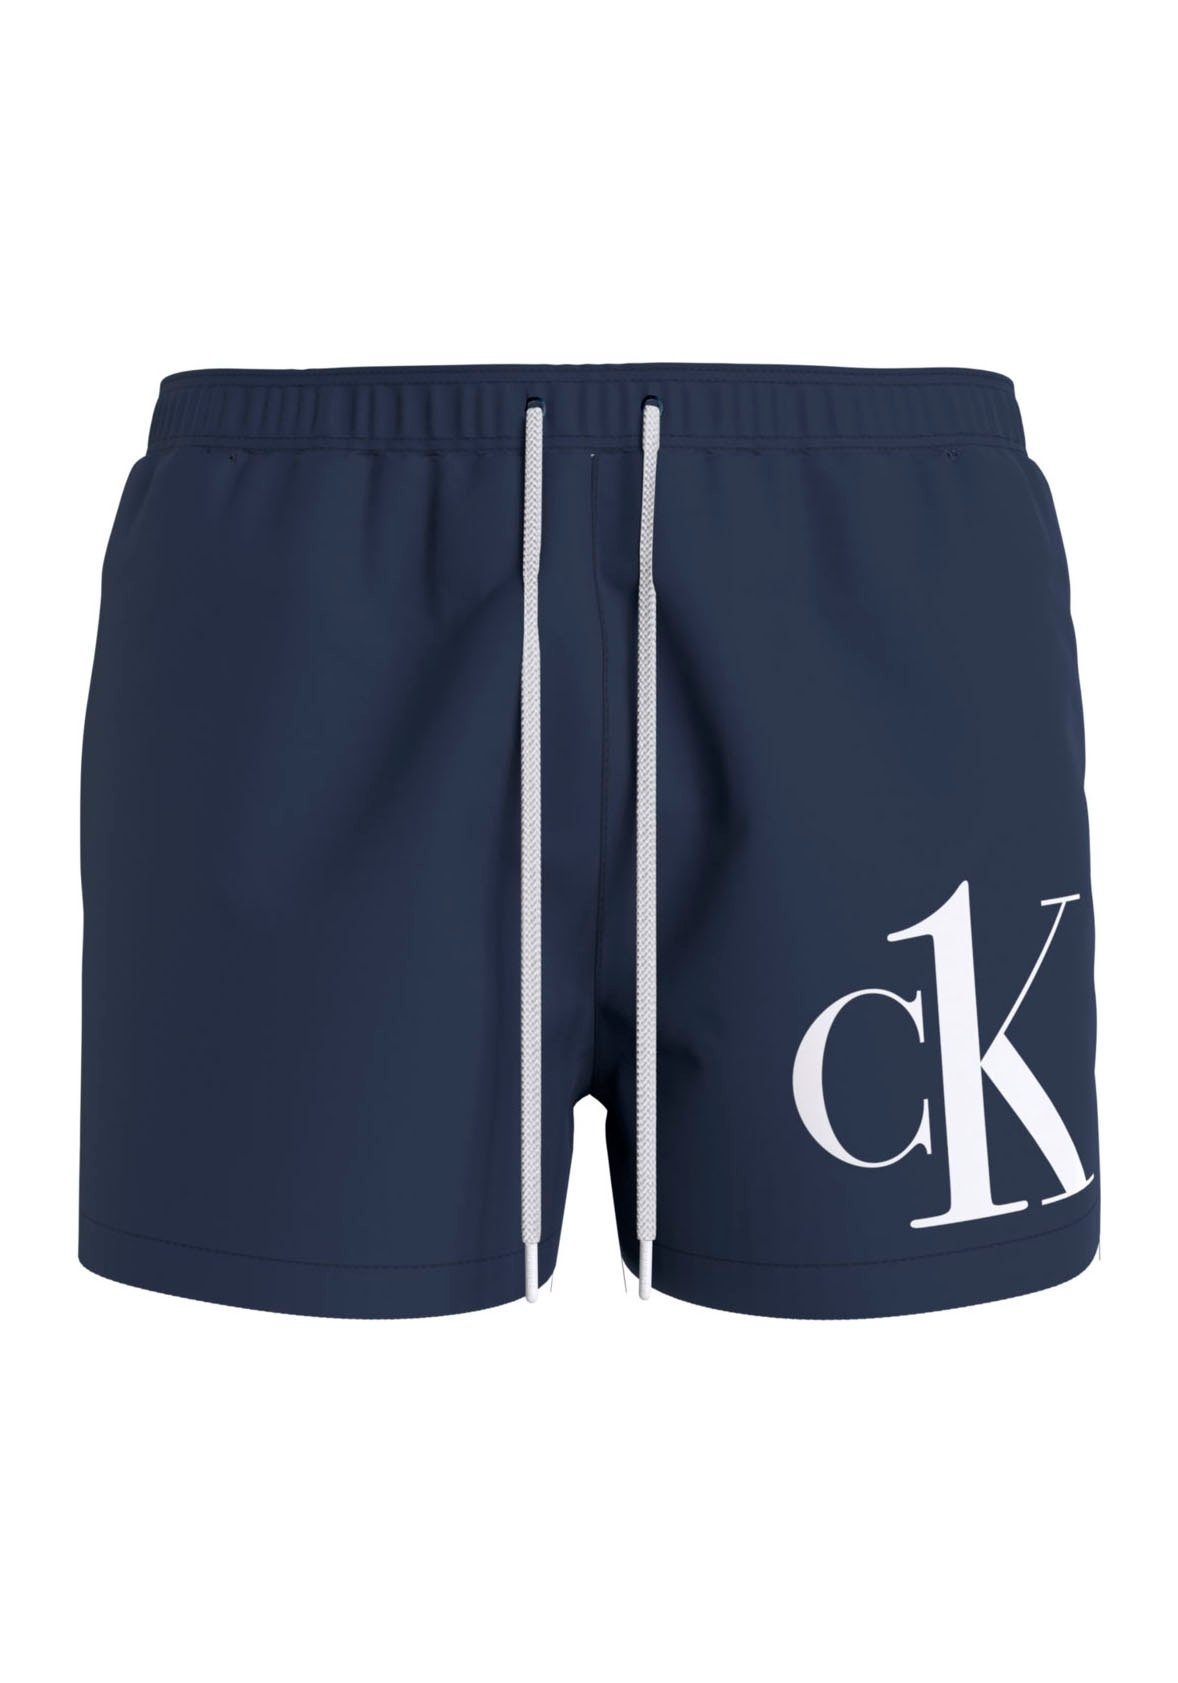 Calvin Klein Zwemshort met ck opschrift op het been online kopen op lascana.nl